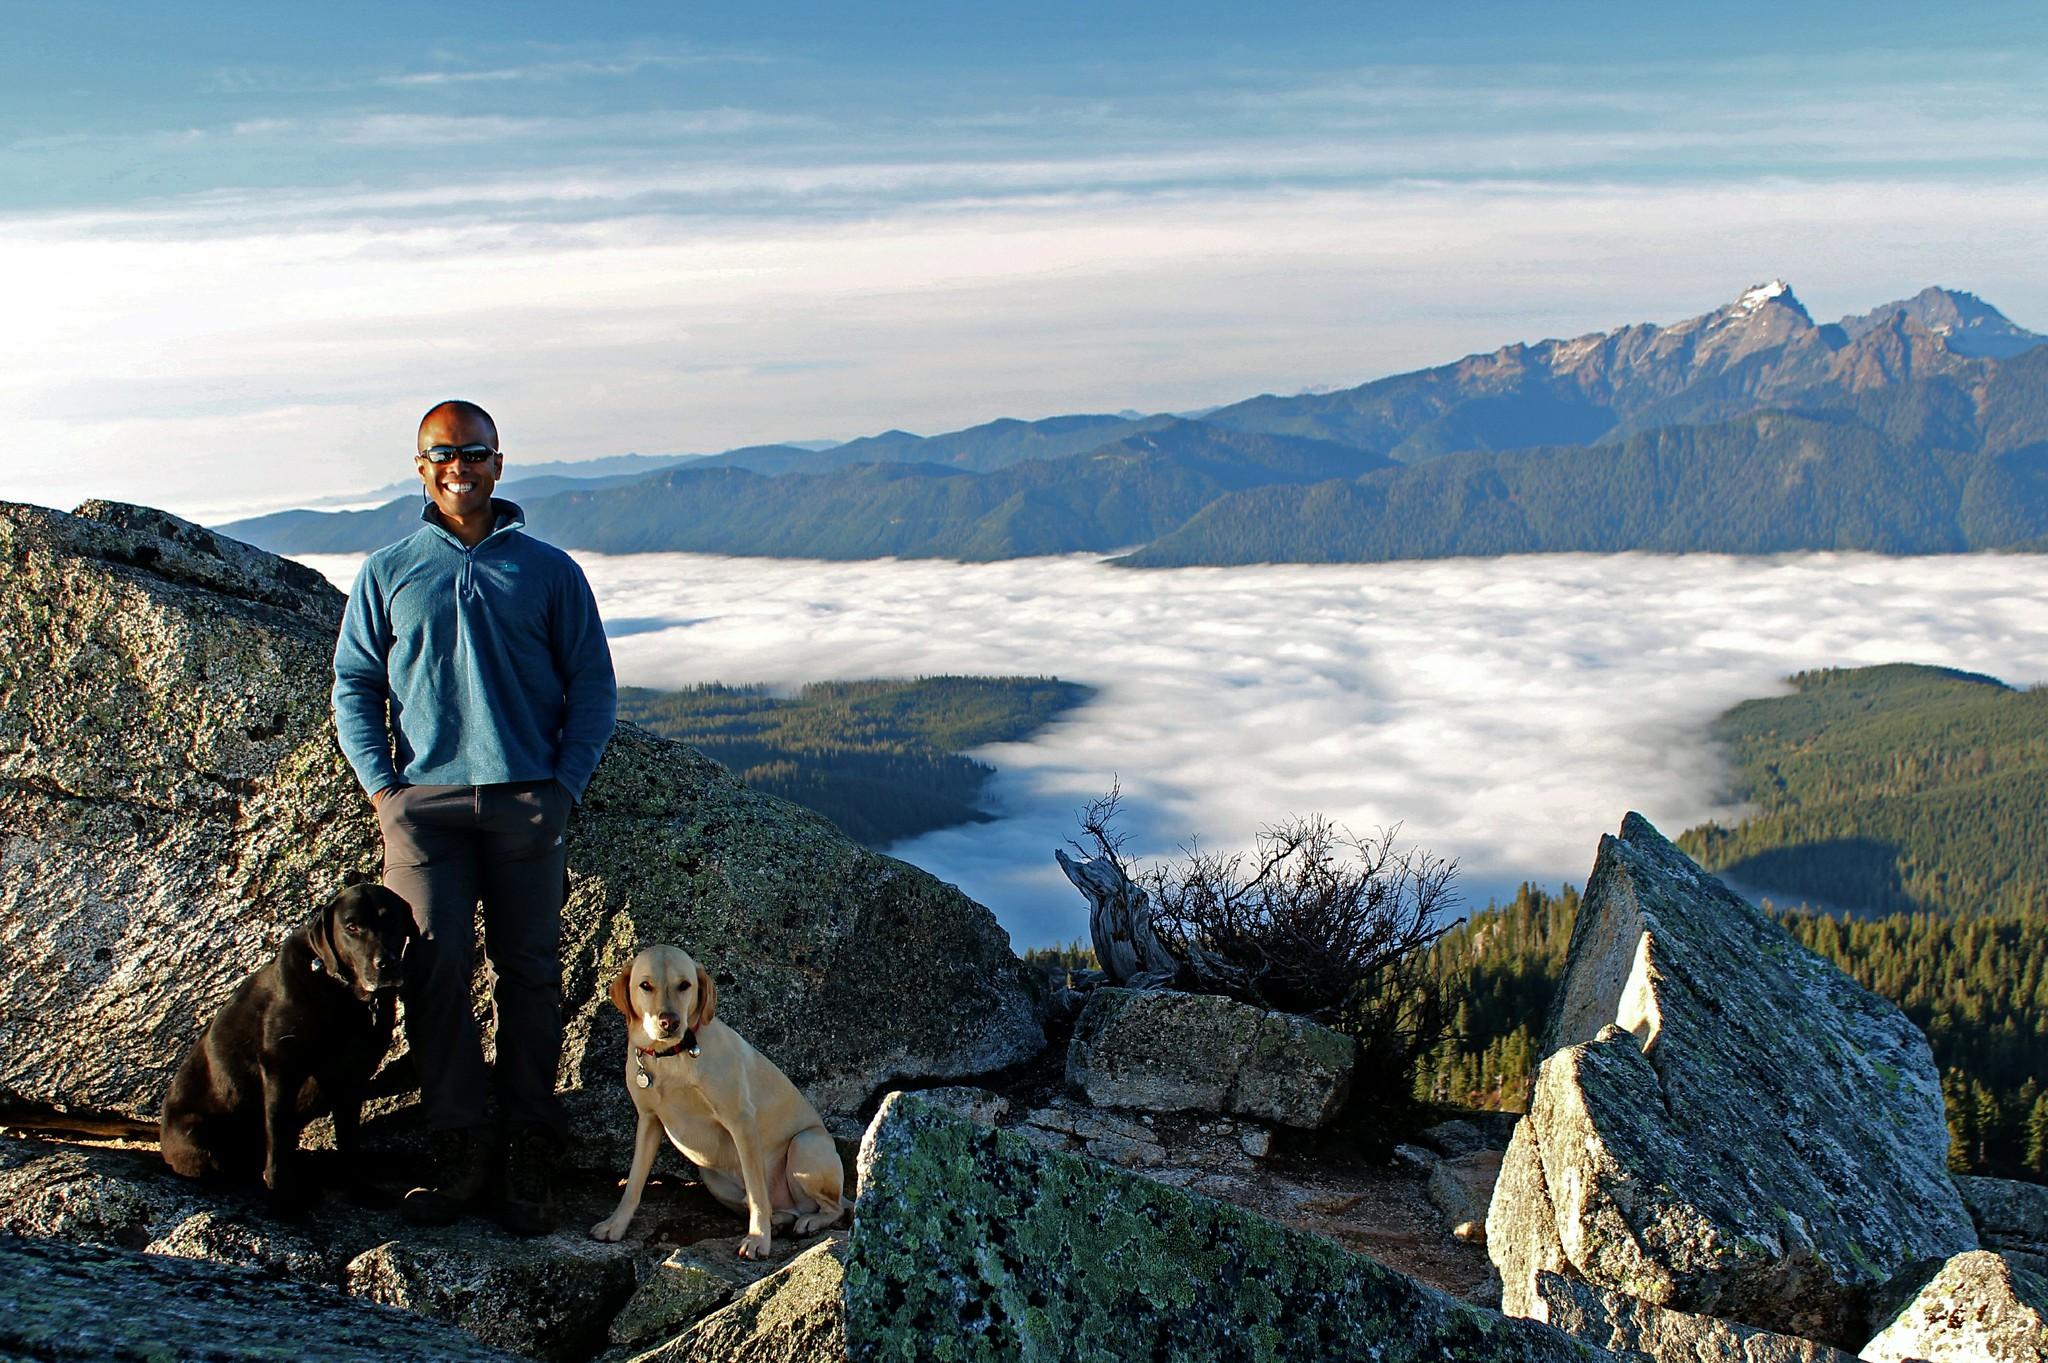 Kodak moment on Bald Mountain 4851